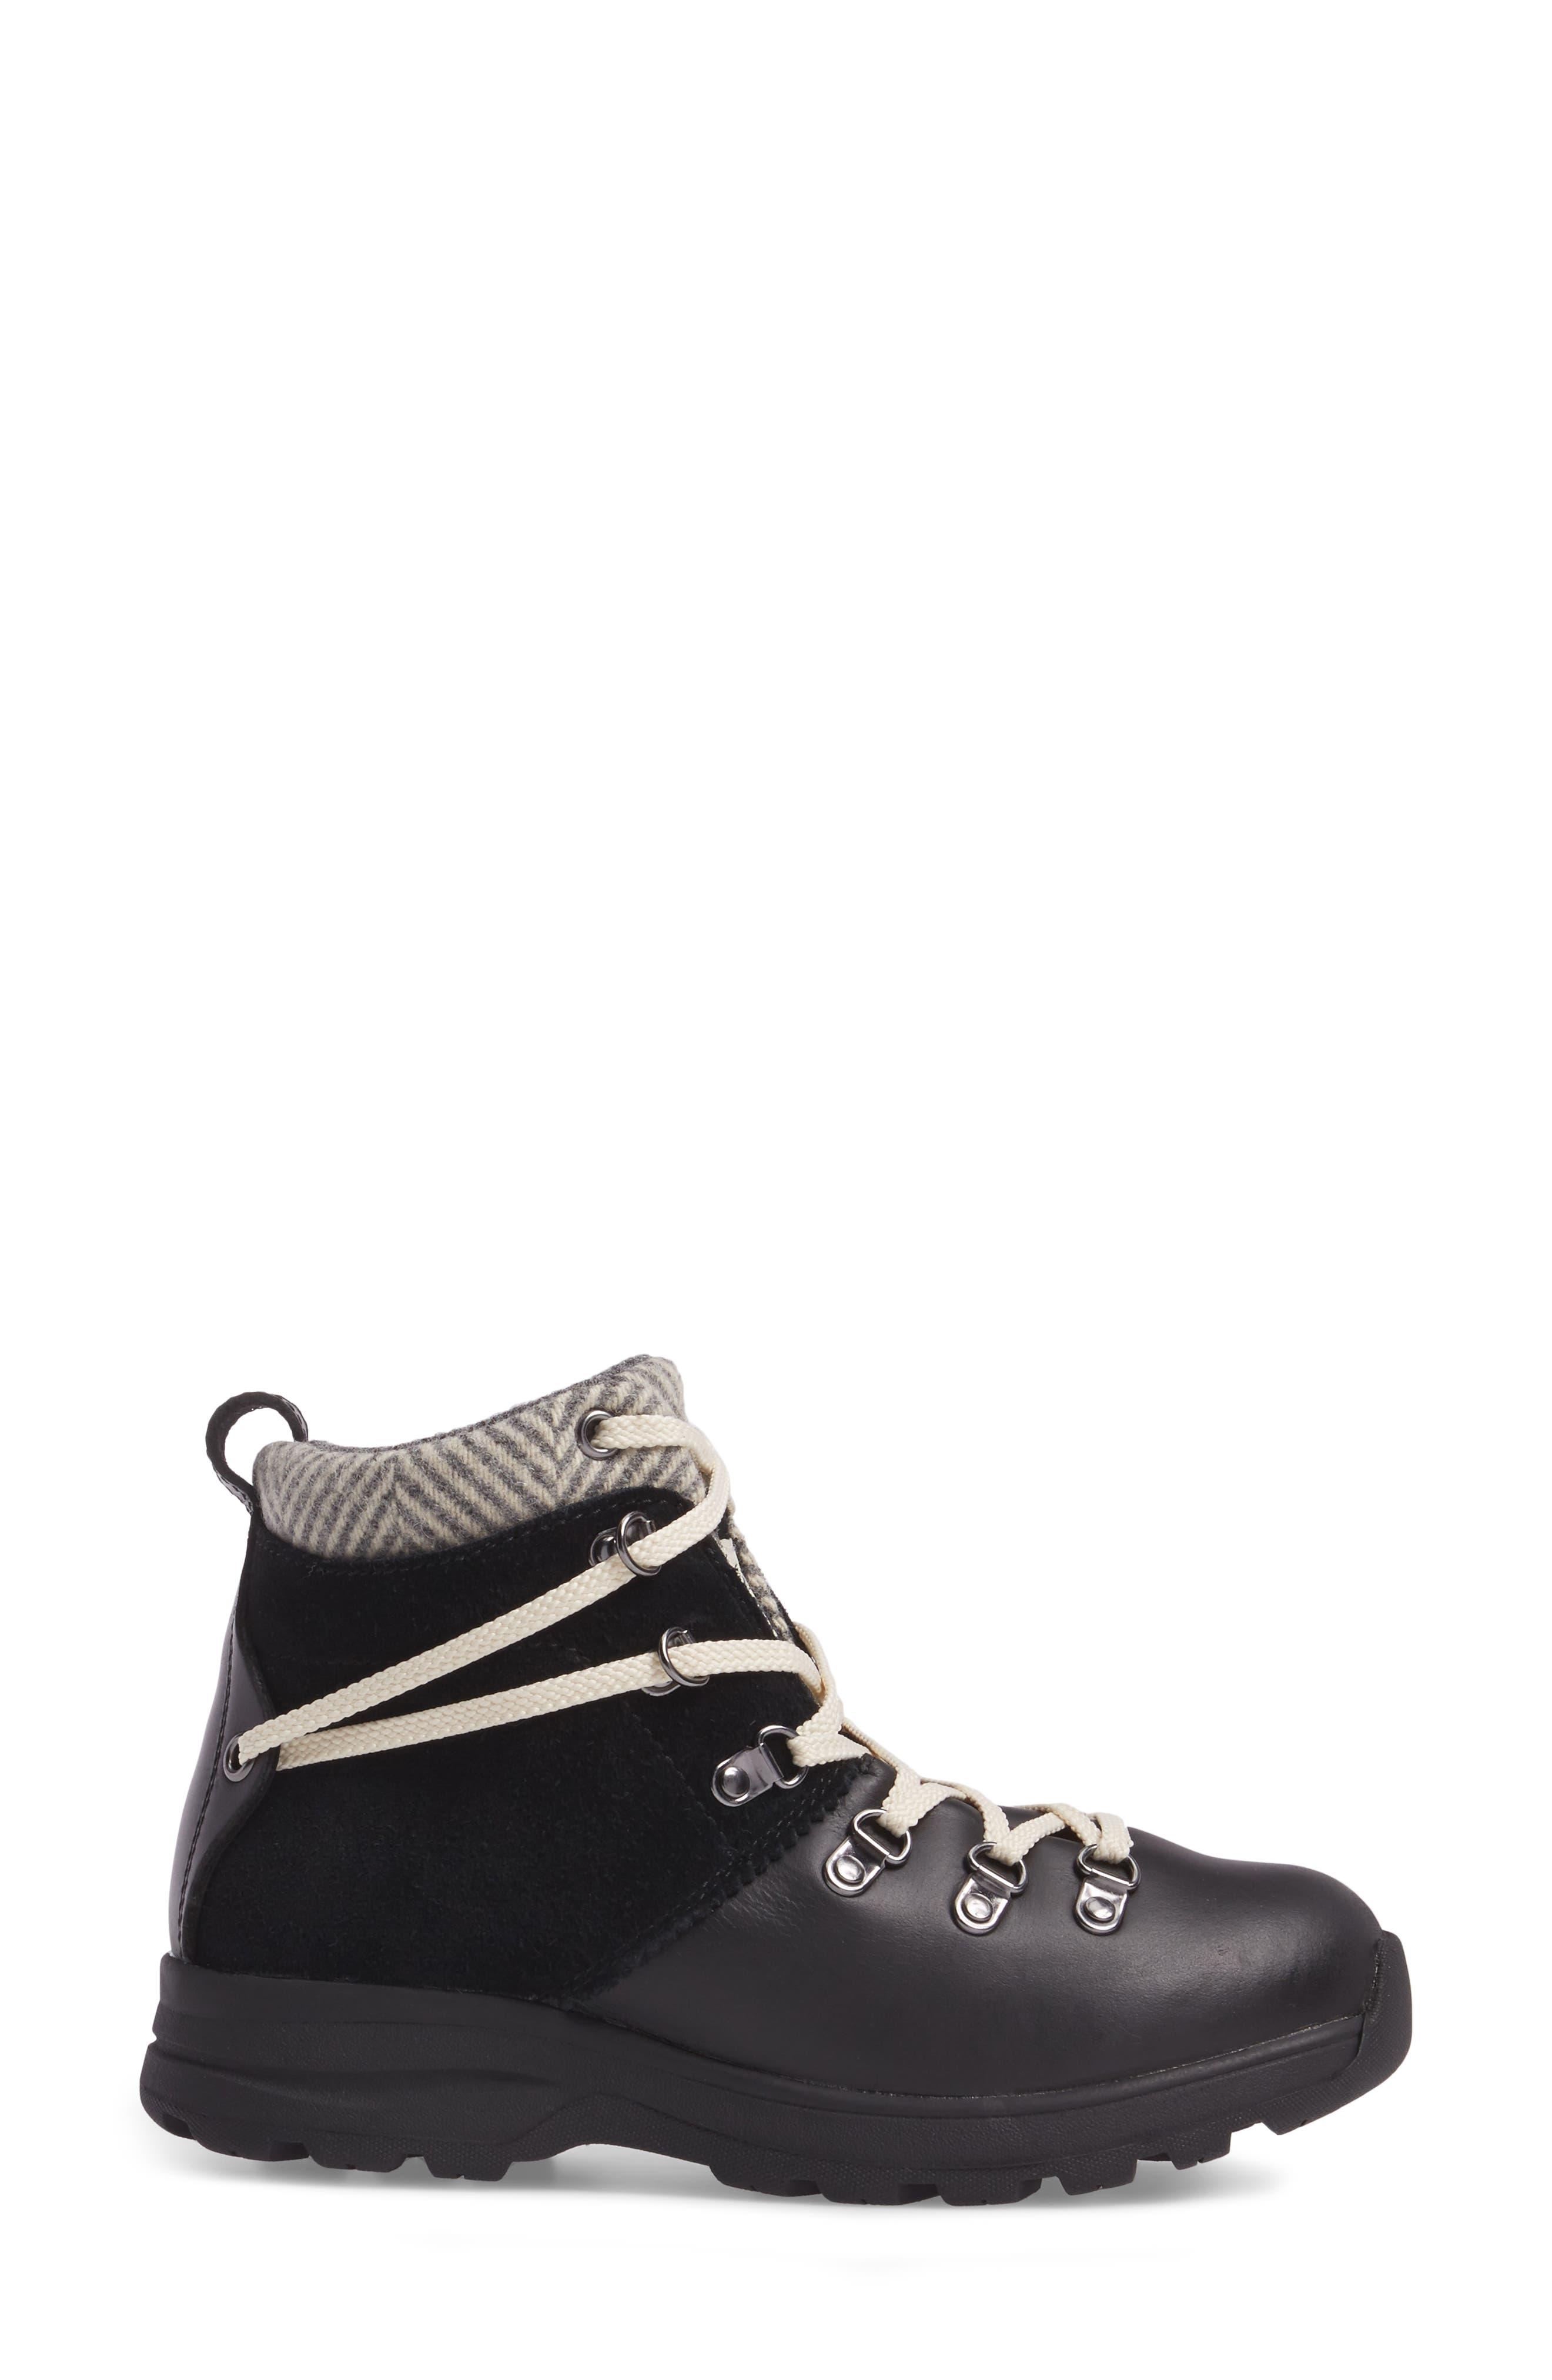 Alternate Image 3  - Woolrich Rockies II Waterproof Hiking Boot (Women)